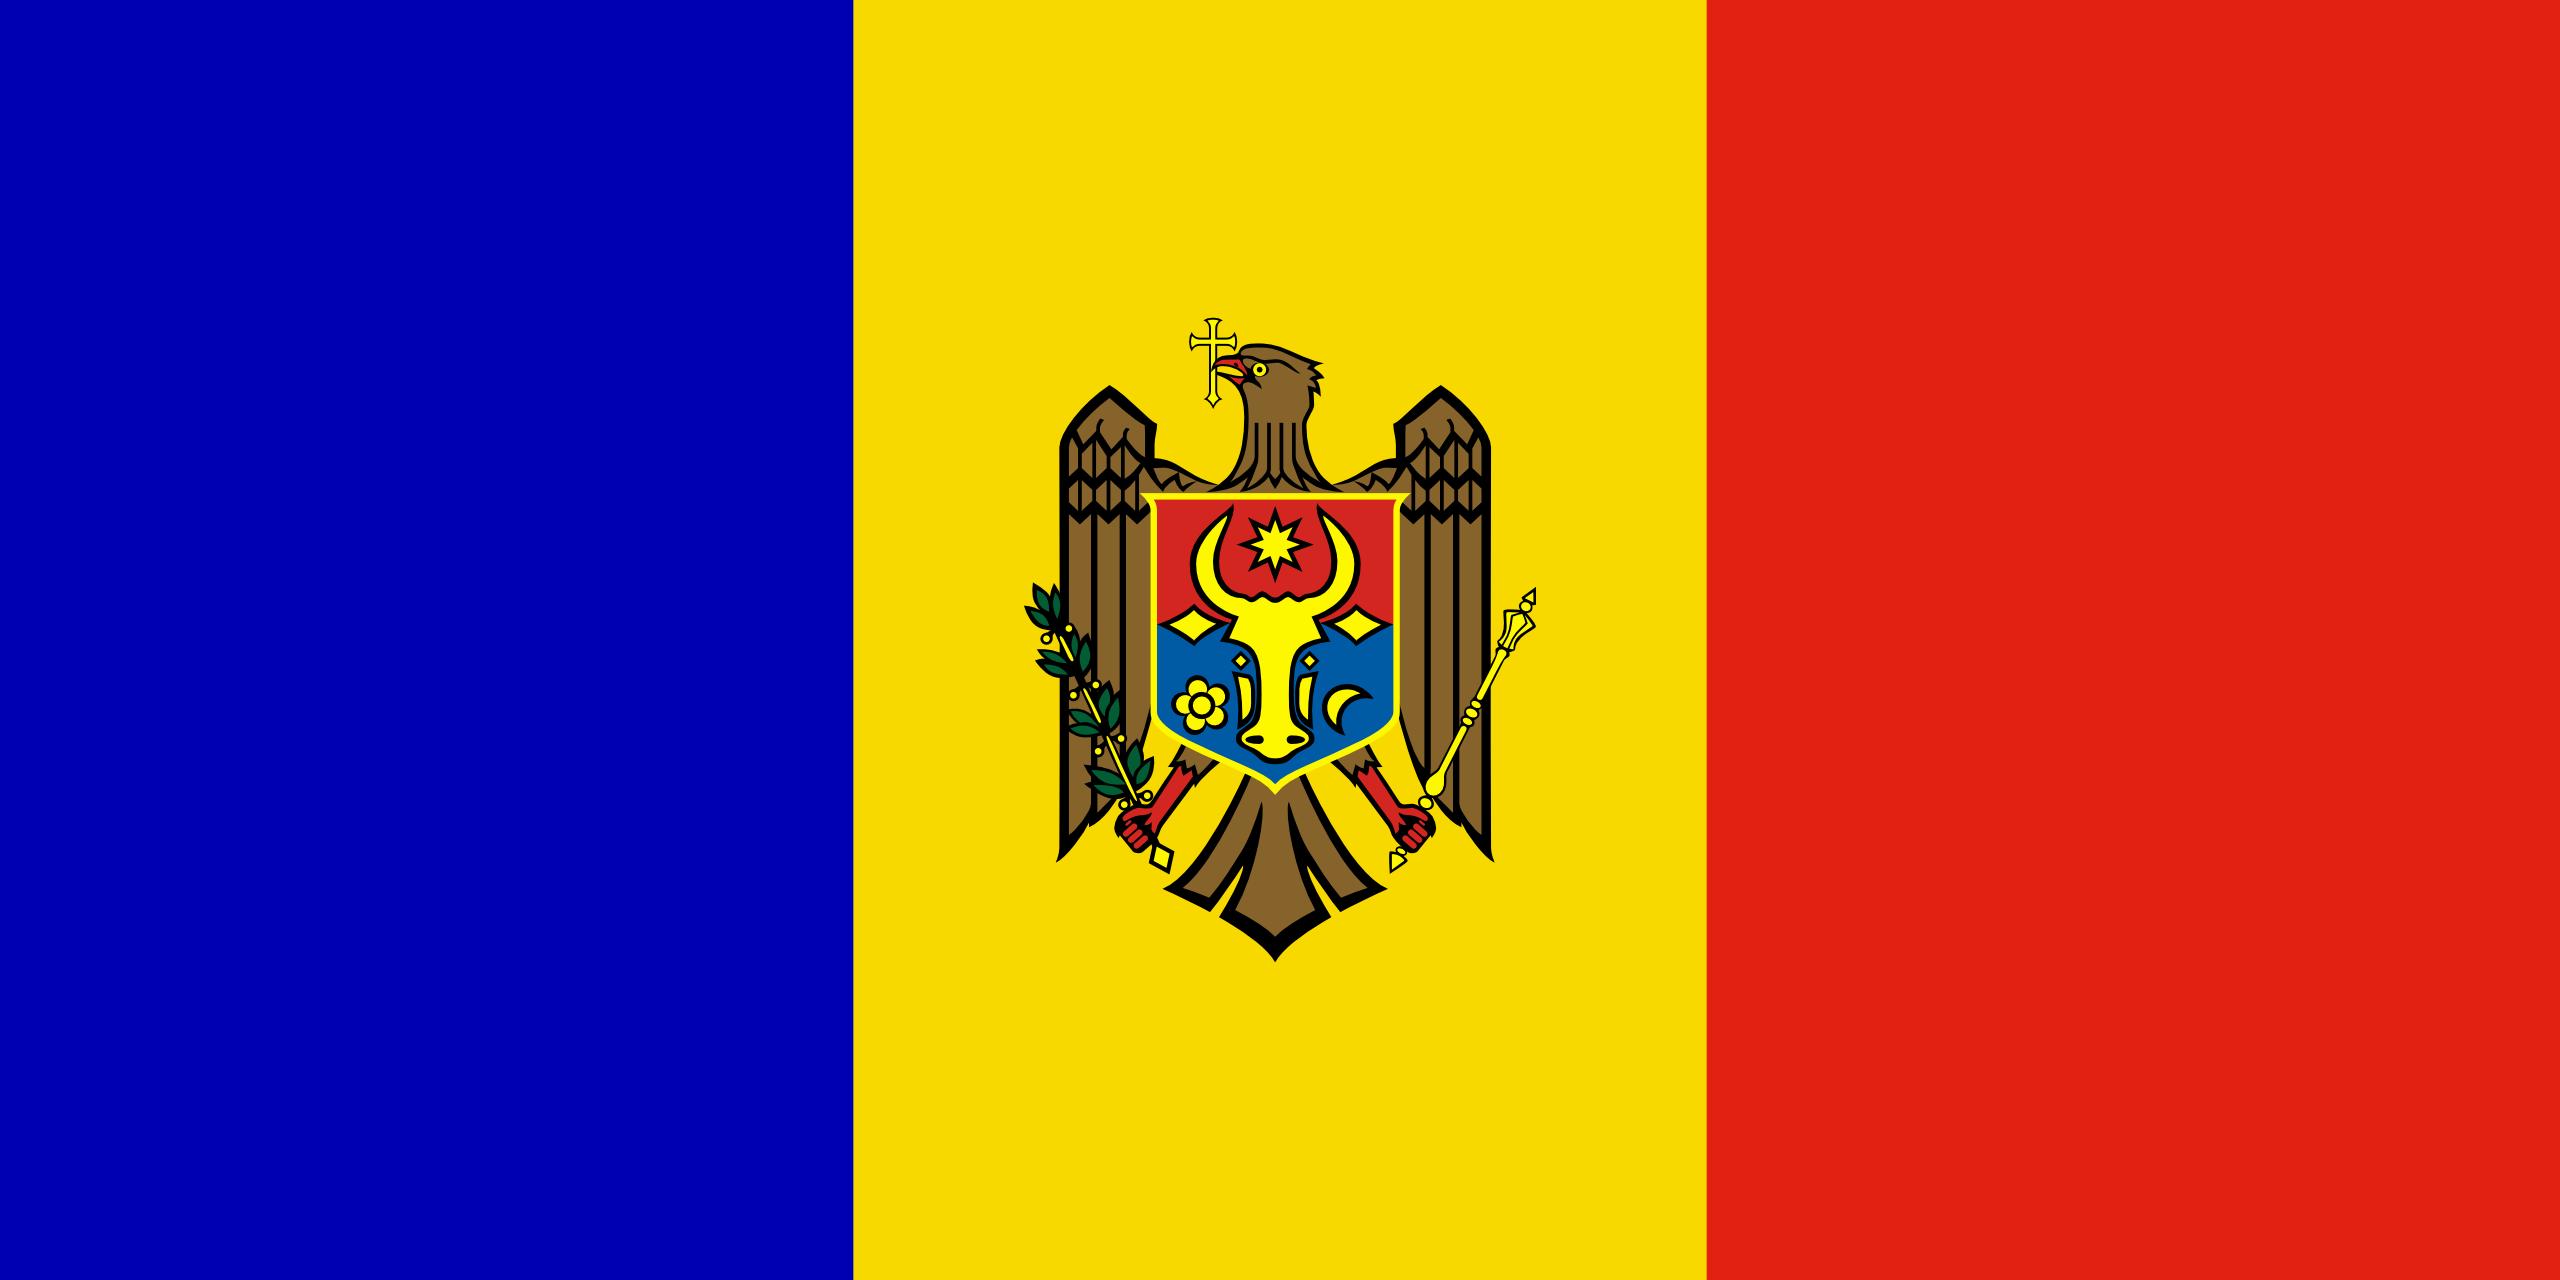 مولدافيا, البلد, emblema, شعار, الرمز - خلفيات عالية الدقة - أستاذ falken.com